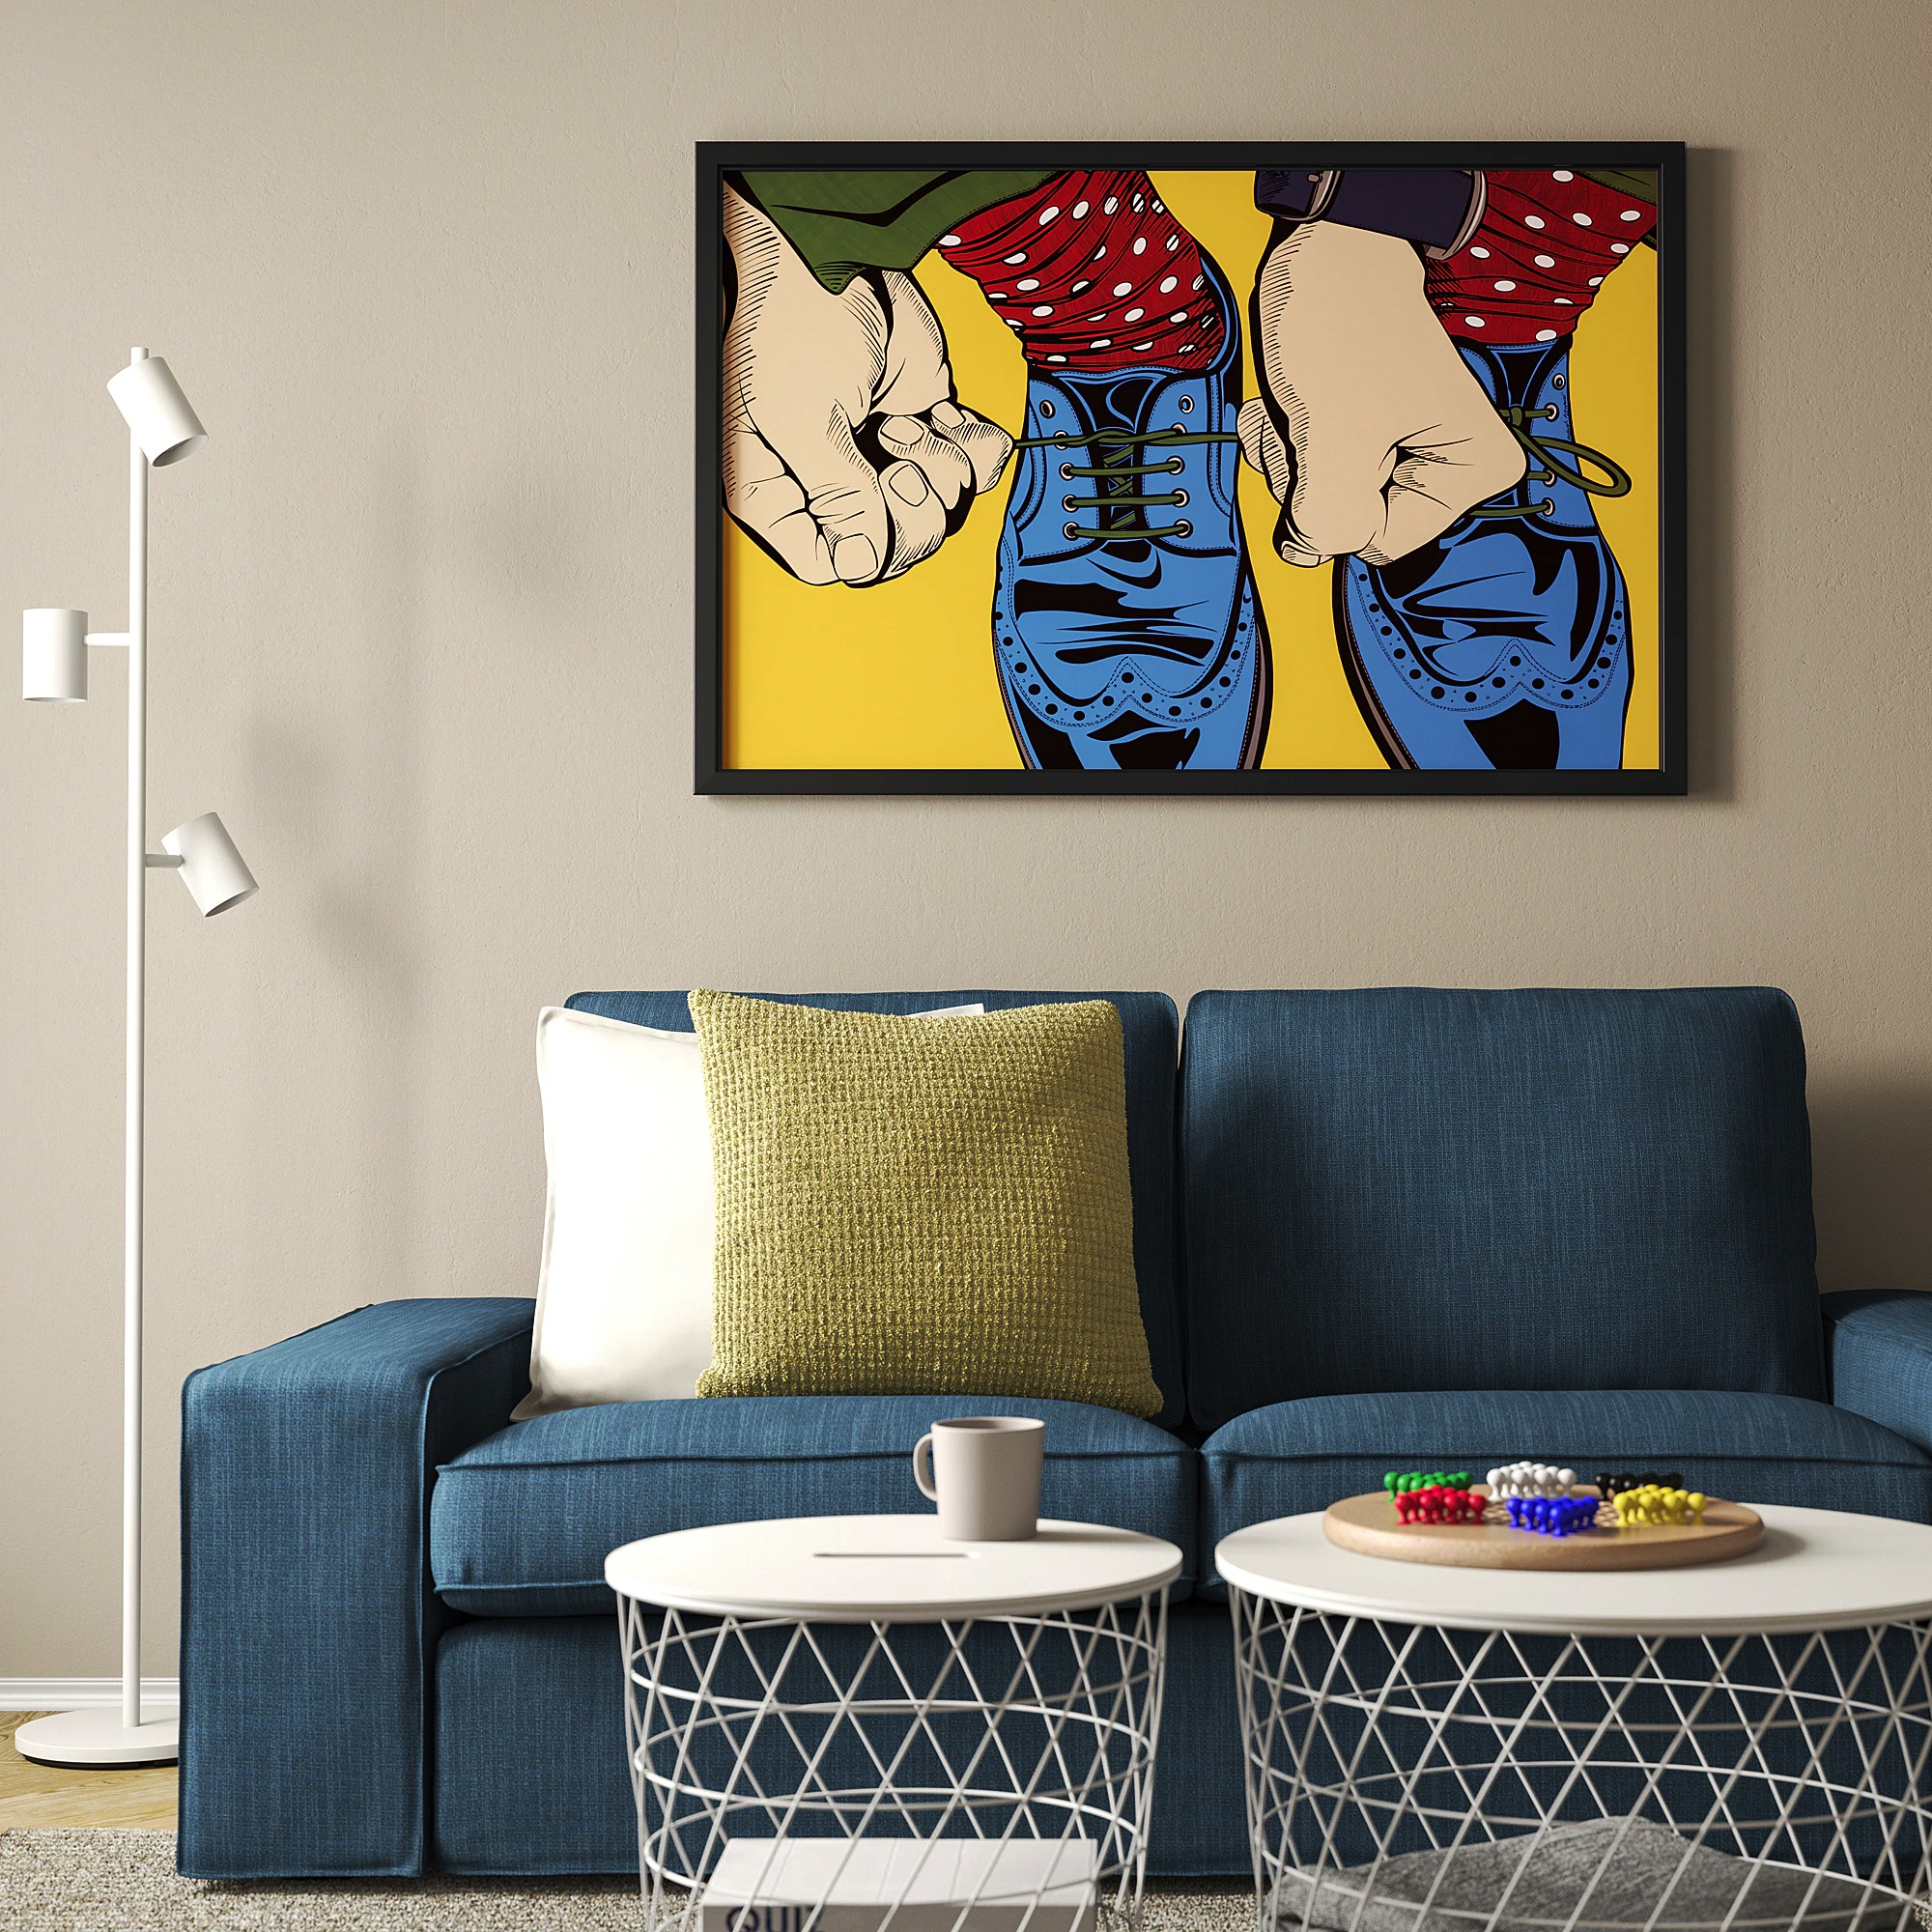 IKEA SYMFONISK: Neue Sonos-Lautsprecher als Lampe und Bild